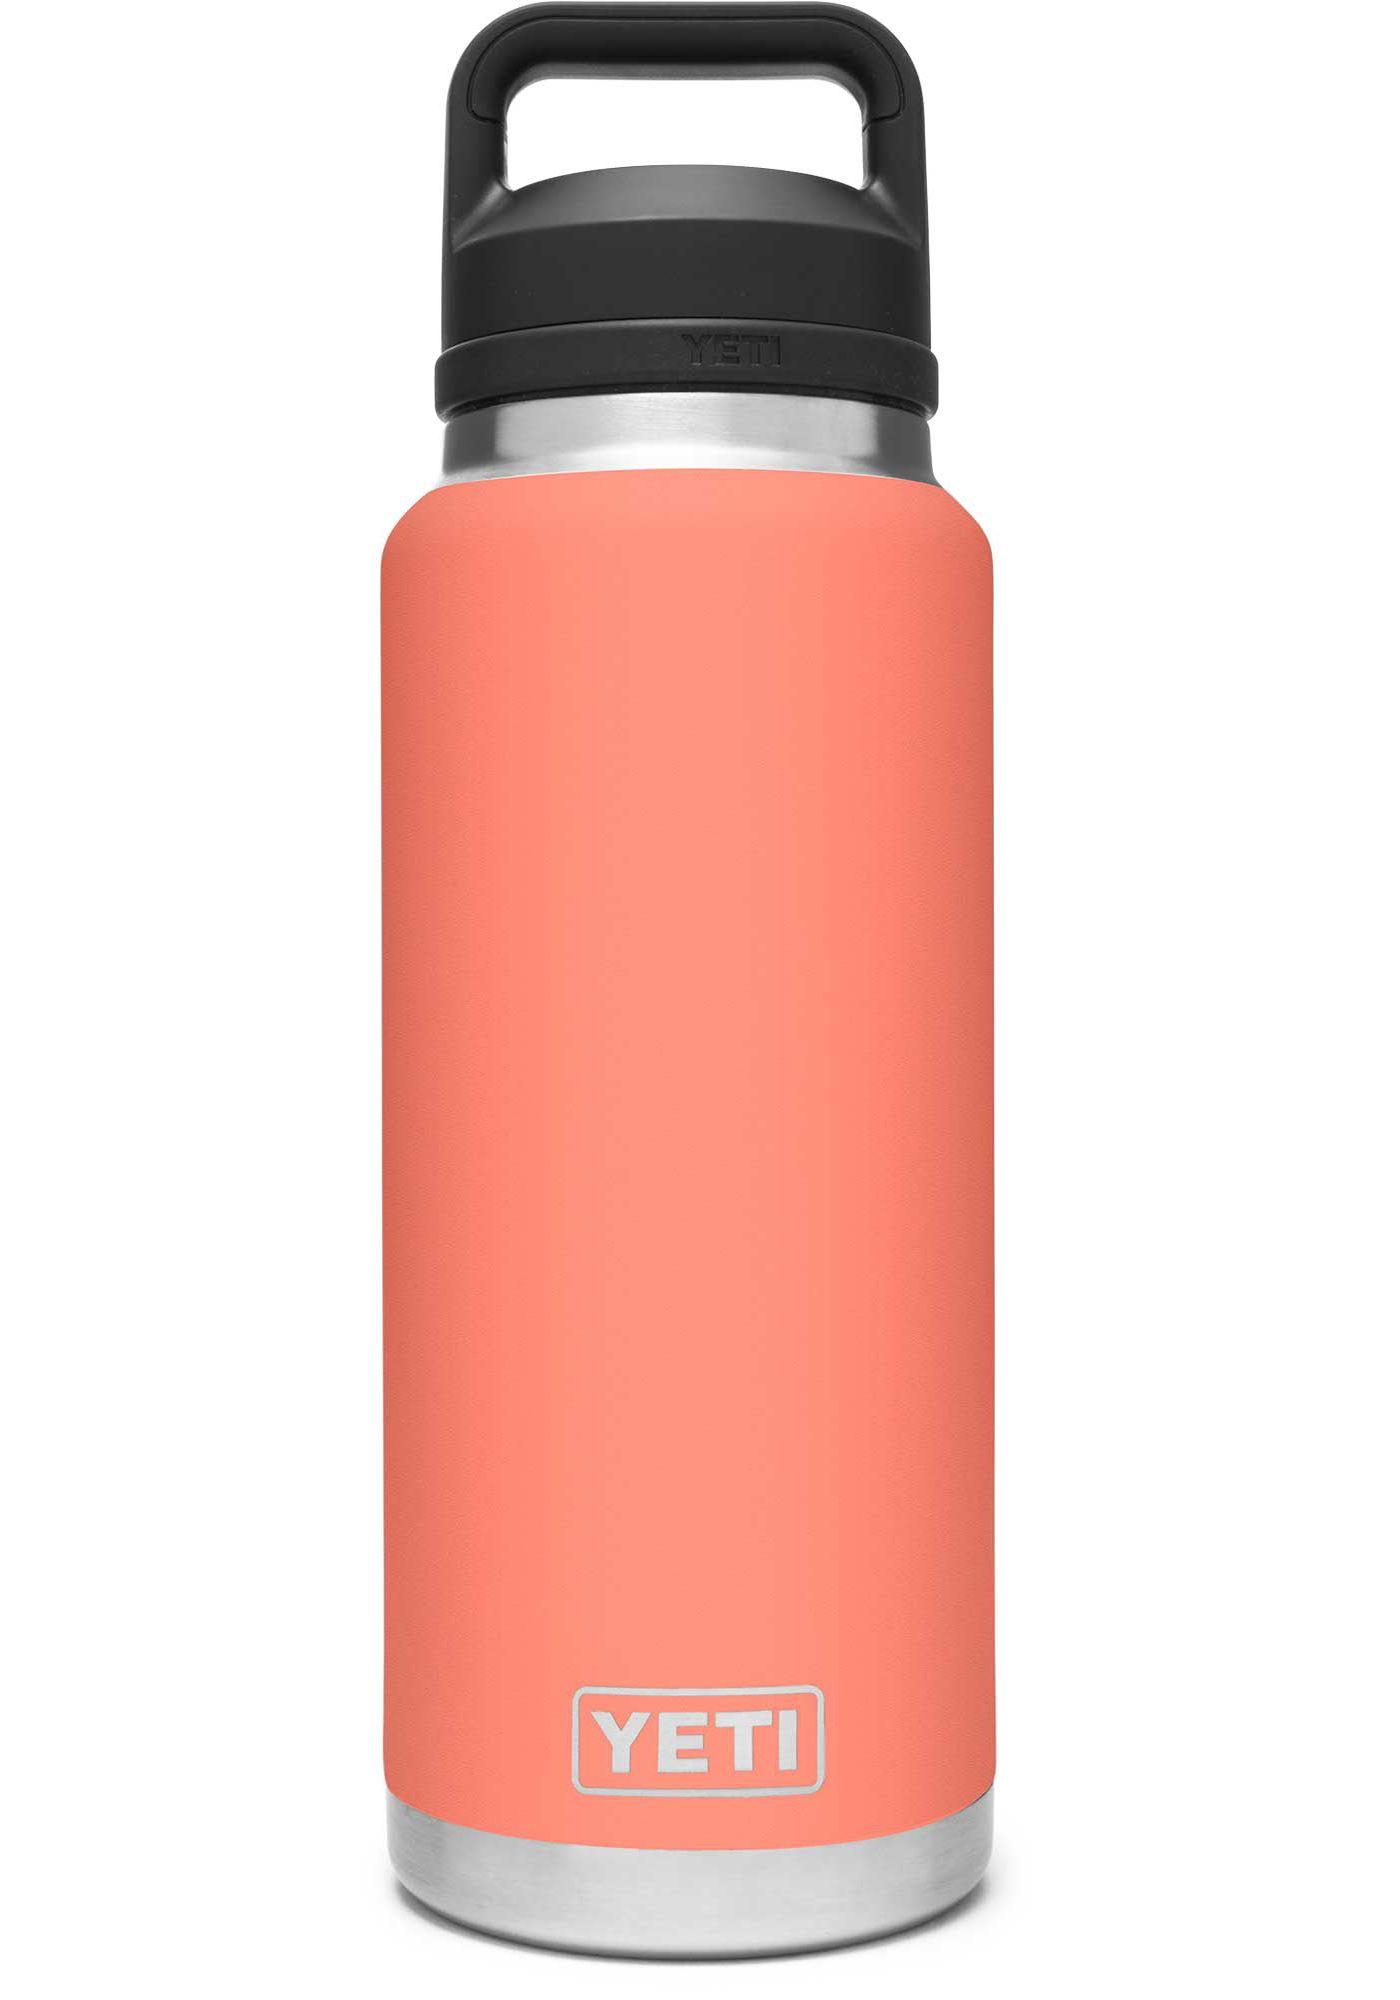 YETI 36 oz. Rambler Bottle with Chug Cap